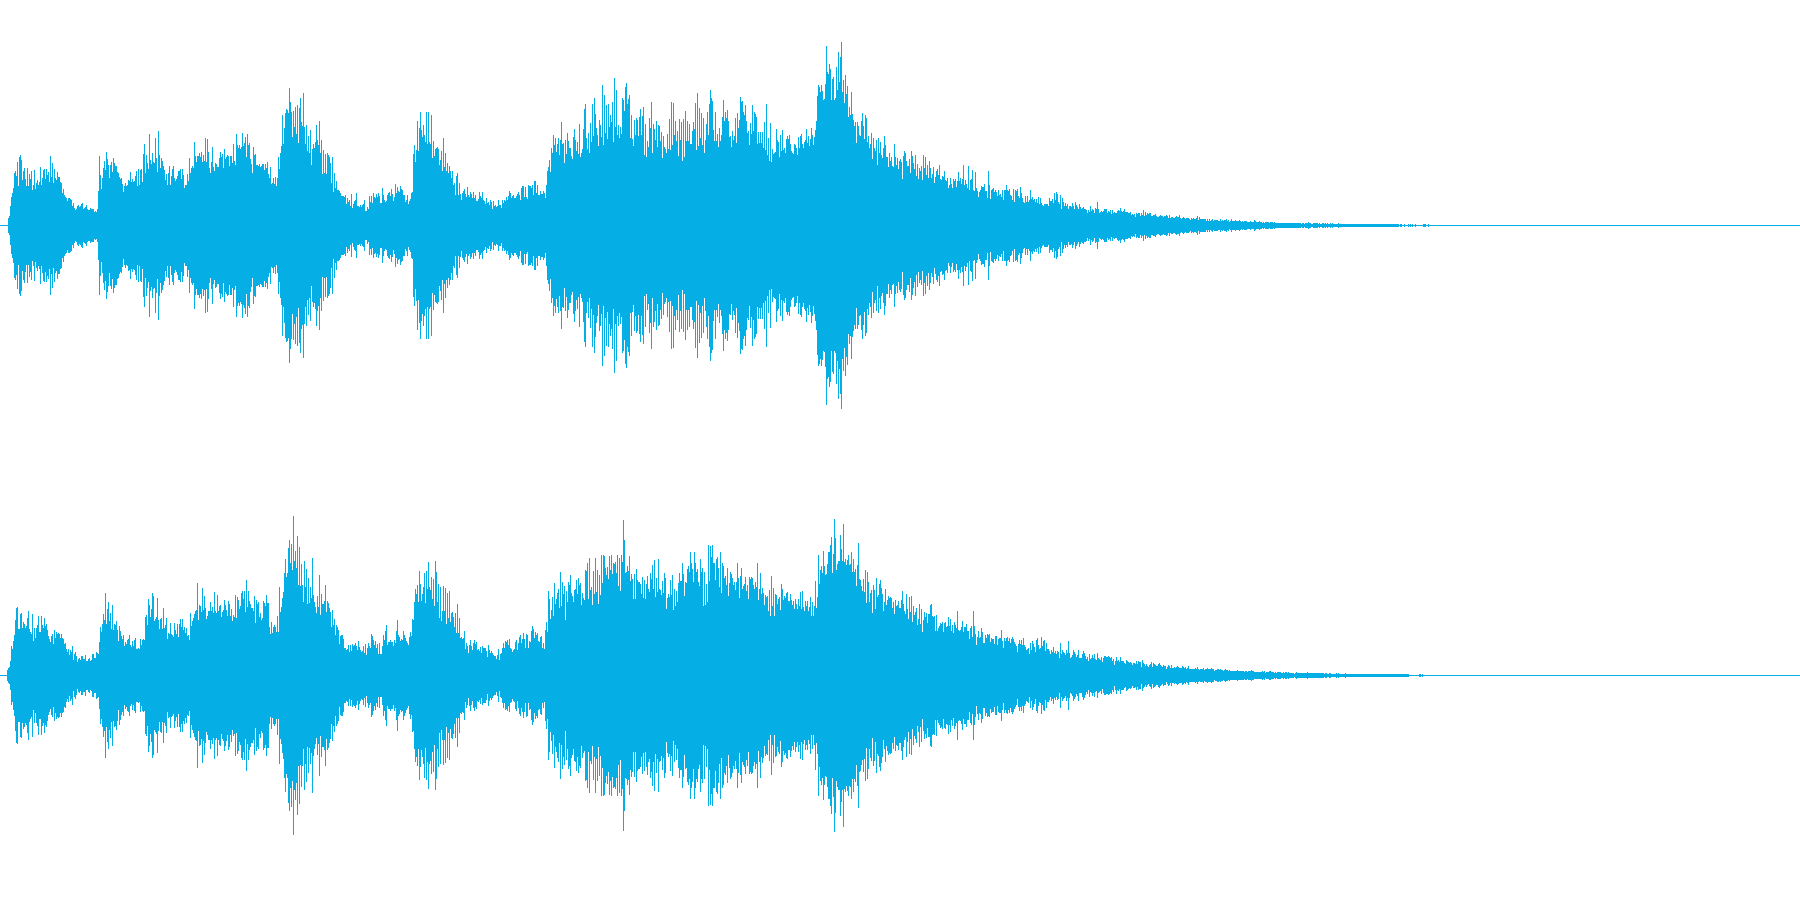 トランペットと打楽器のファンファーレの再生済みの波形